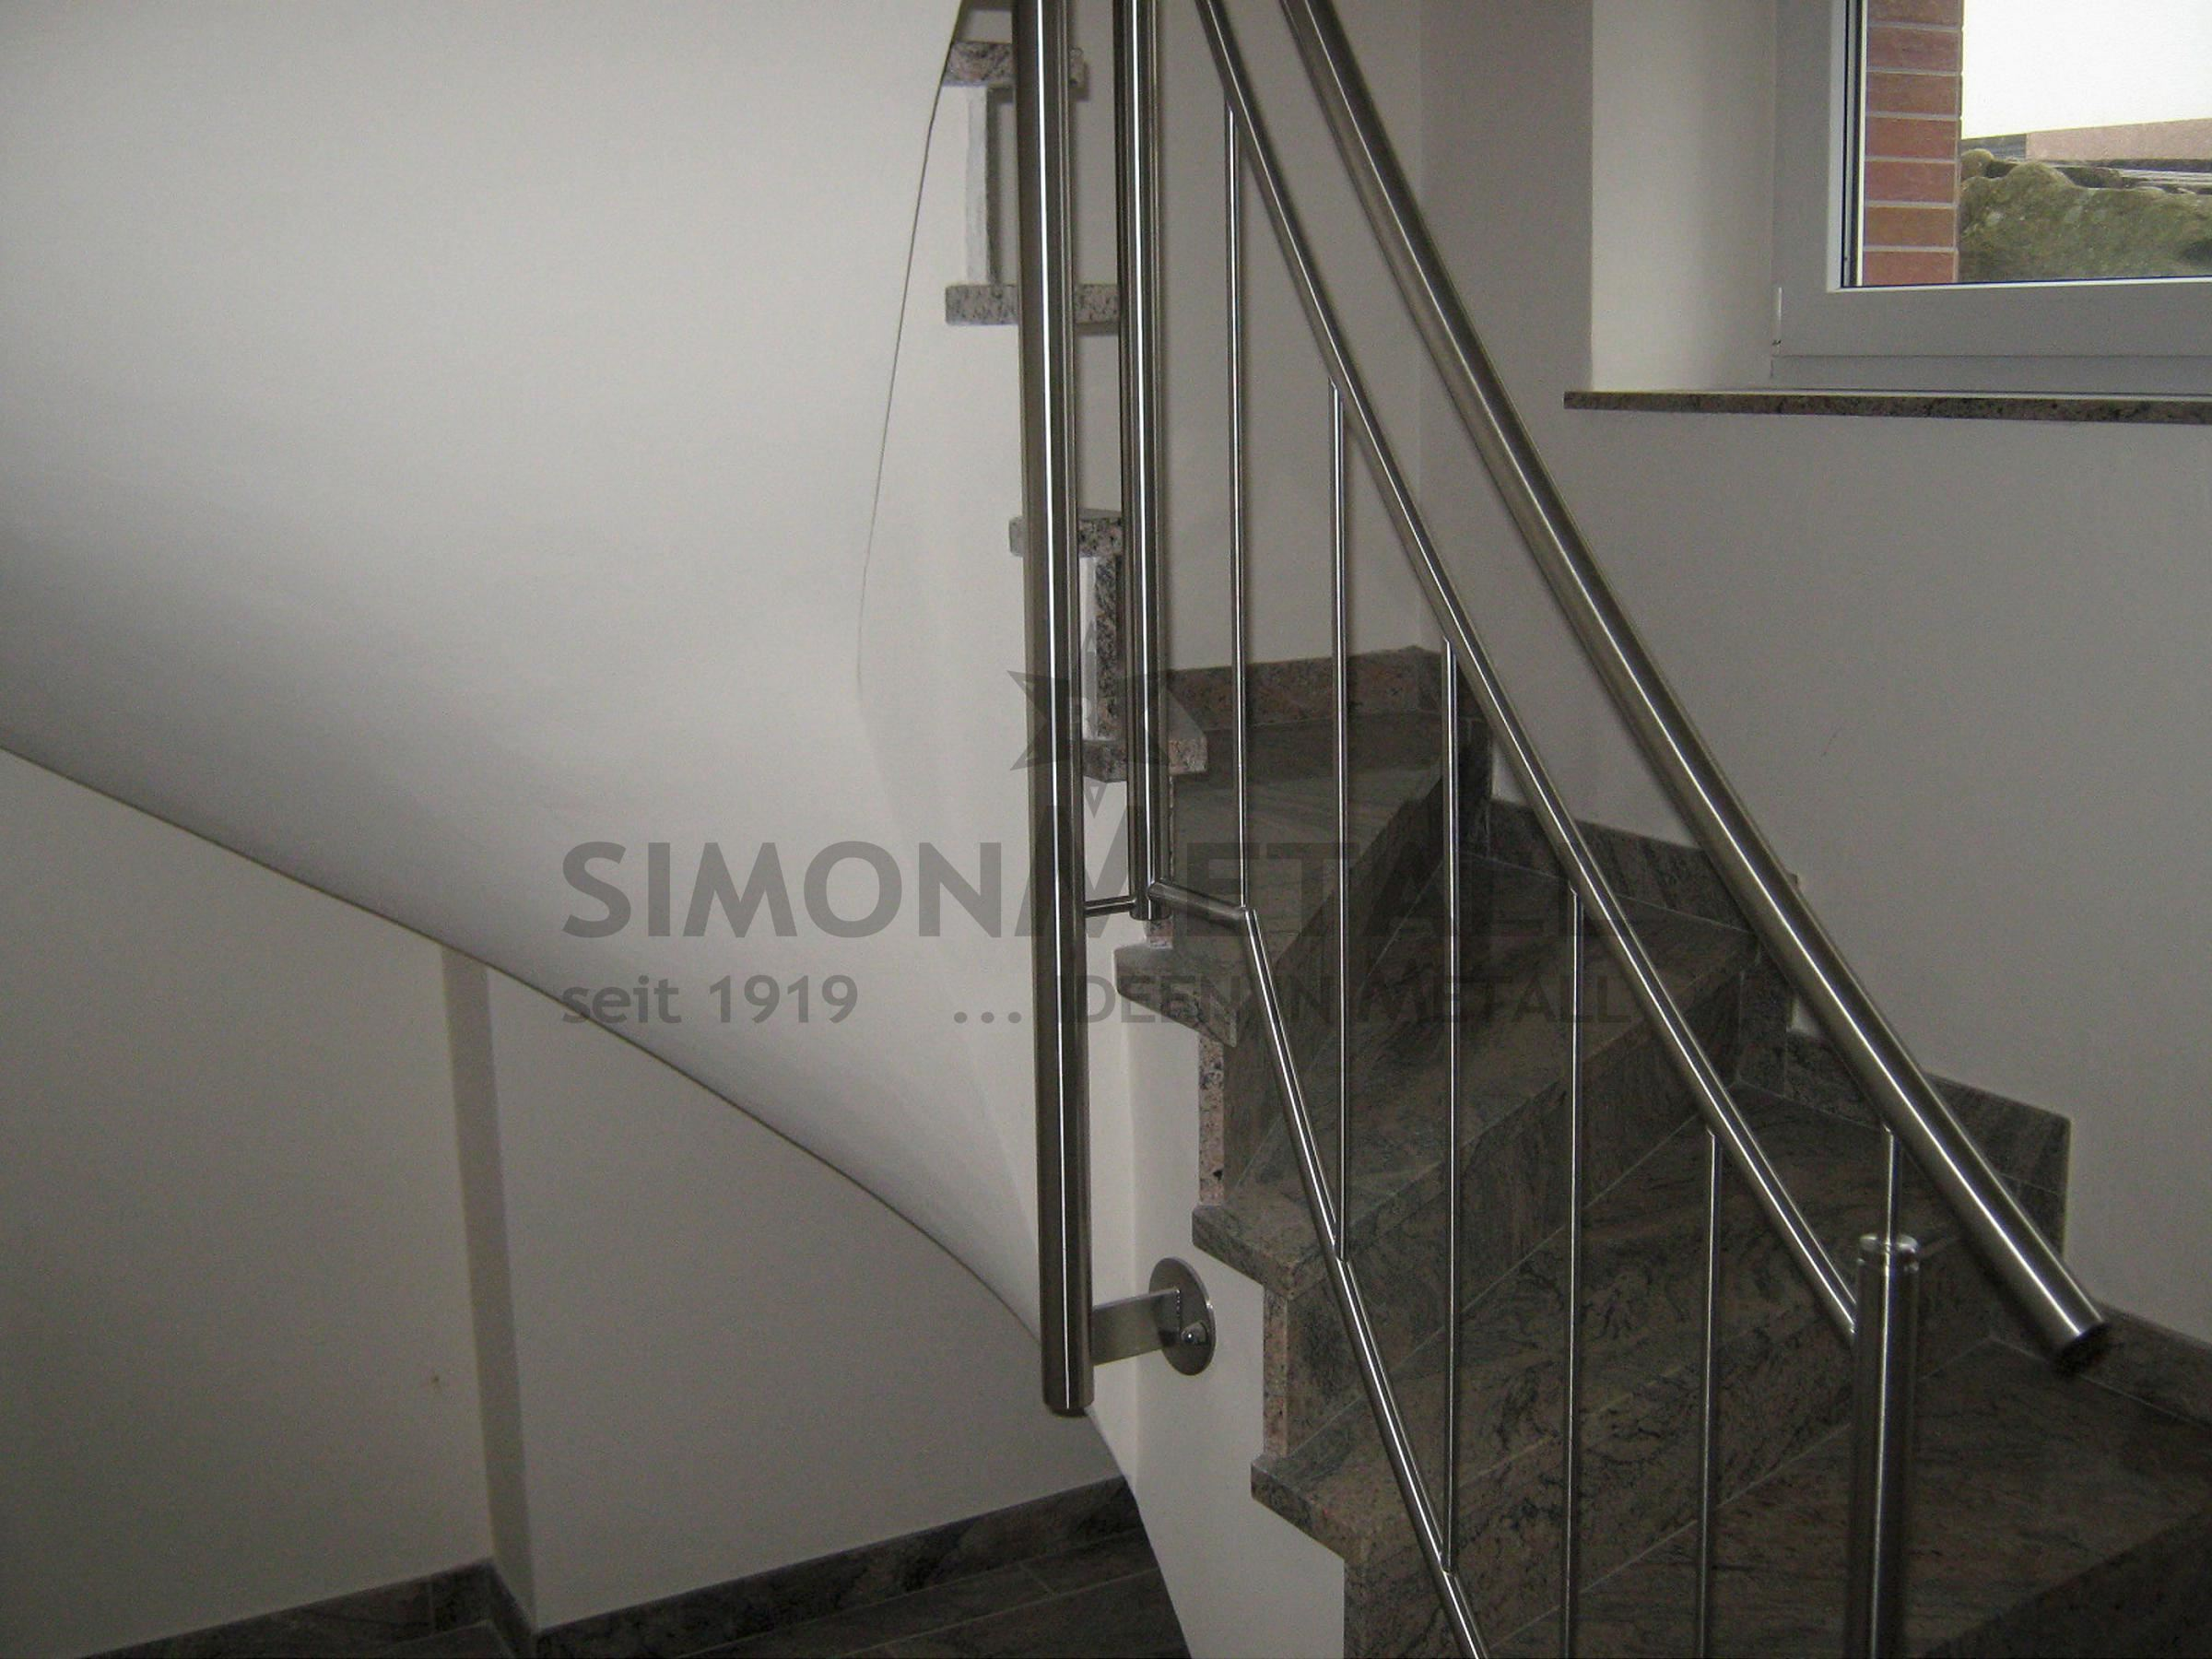 treppengel nder innen simonmetall gmbh co kg in tann rh n g nthers. Black Bedroom Furniture Sets. Home Design Ideas